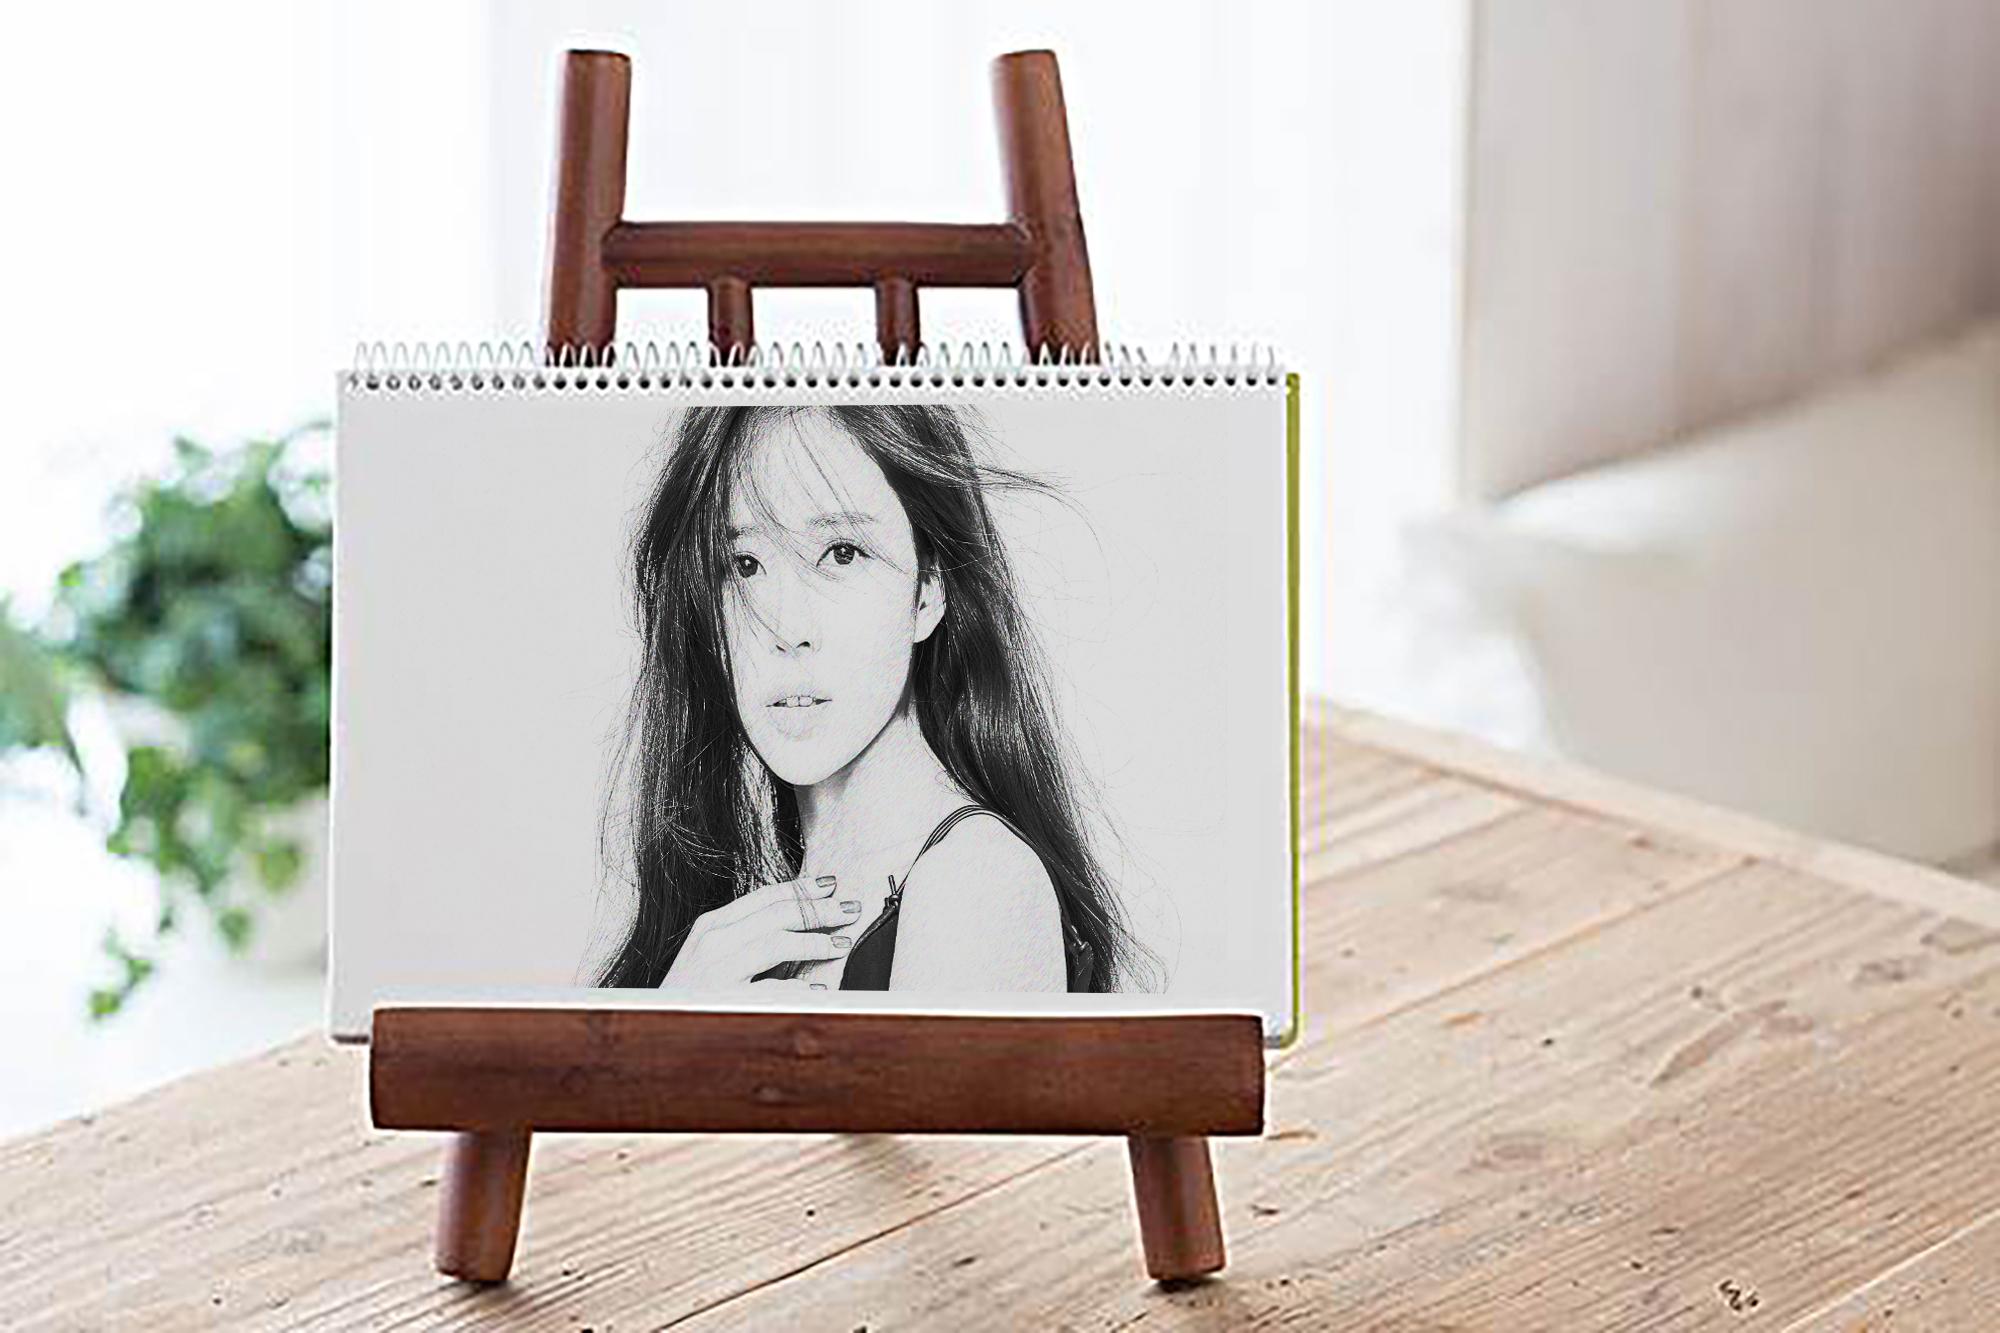 PS教程 使用ps将人物照片转为素描效果视频教程